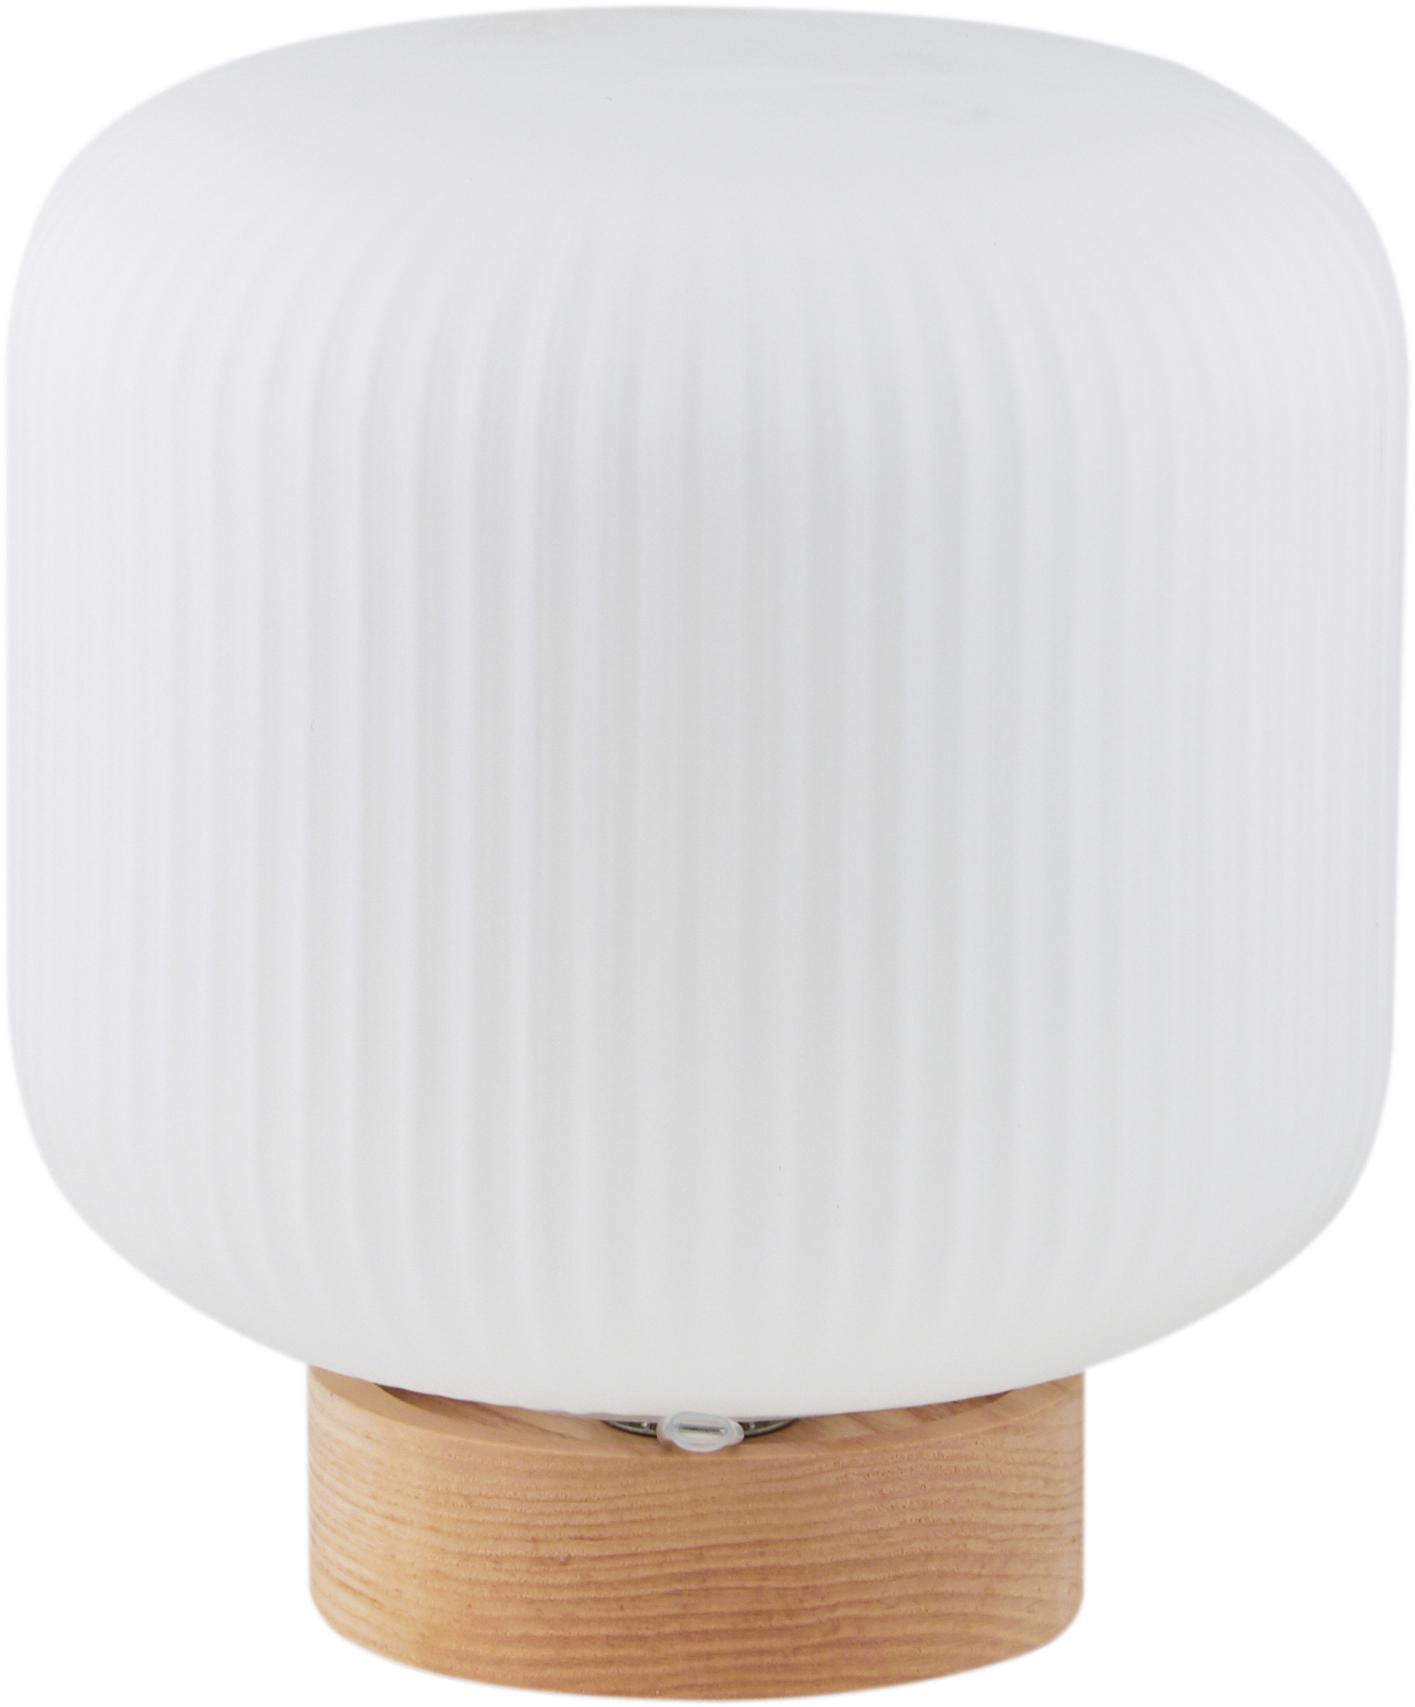 Skandi-Tischlampe Milford aus Opalglas, Lampenschirm: Opalglas, Lampenfuß: Holz, Opalweiß, Holz, Ø 20 x H 21 cm